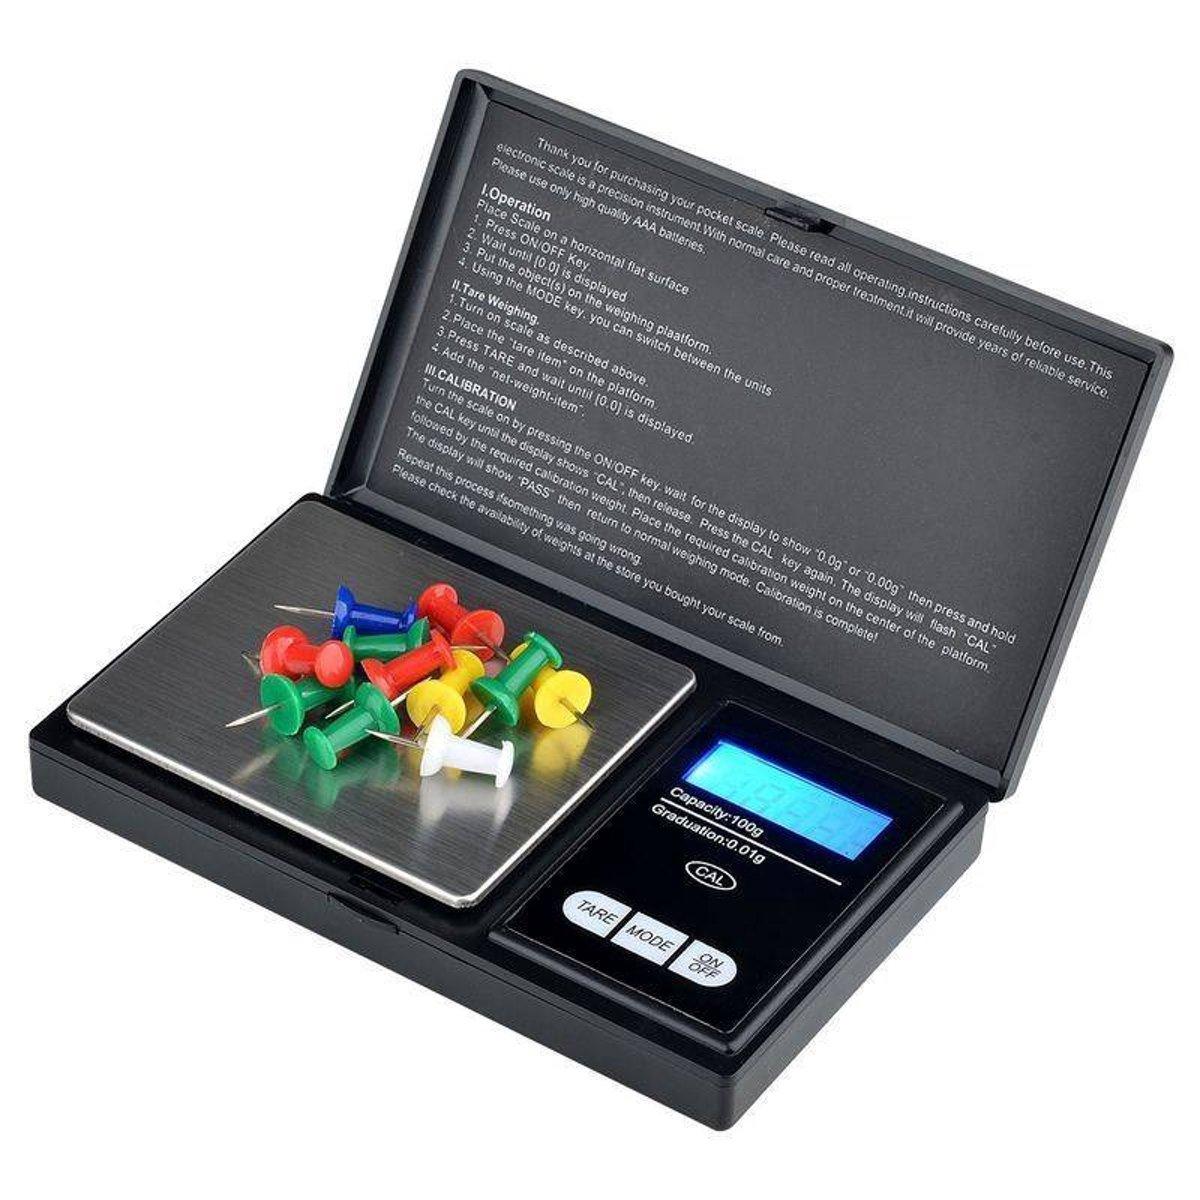 Digitale Precisie Weegschaal 0.01 tot 200 Gram Nauwkeurig